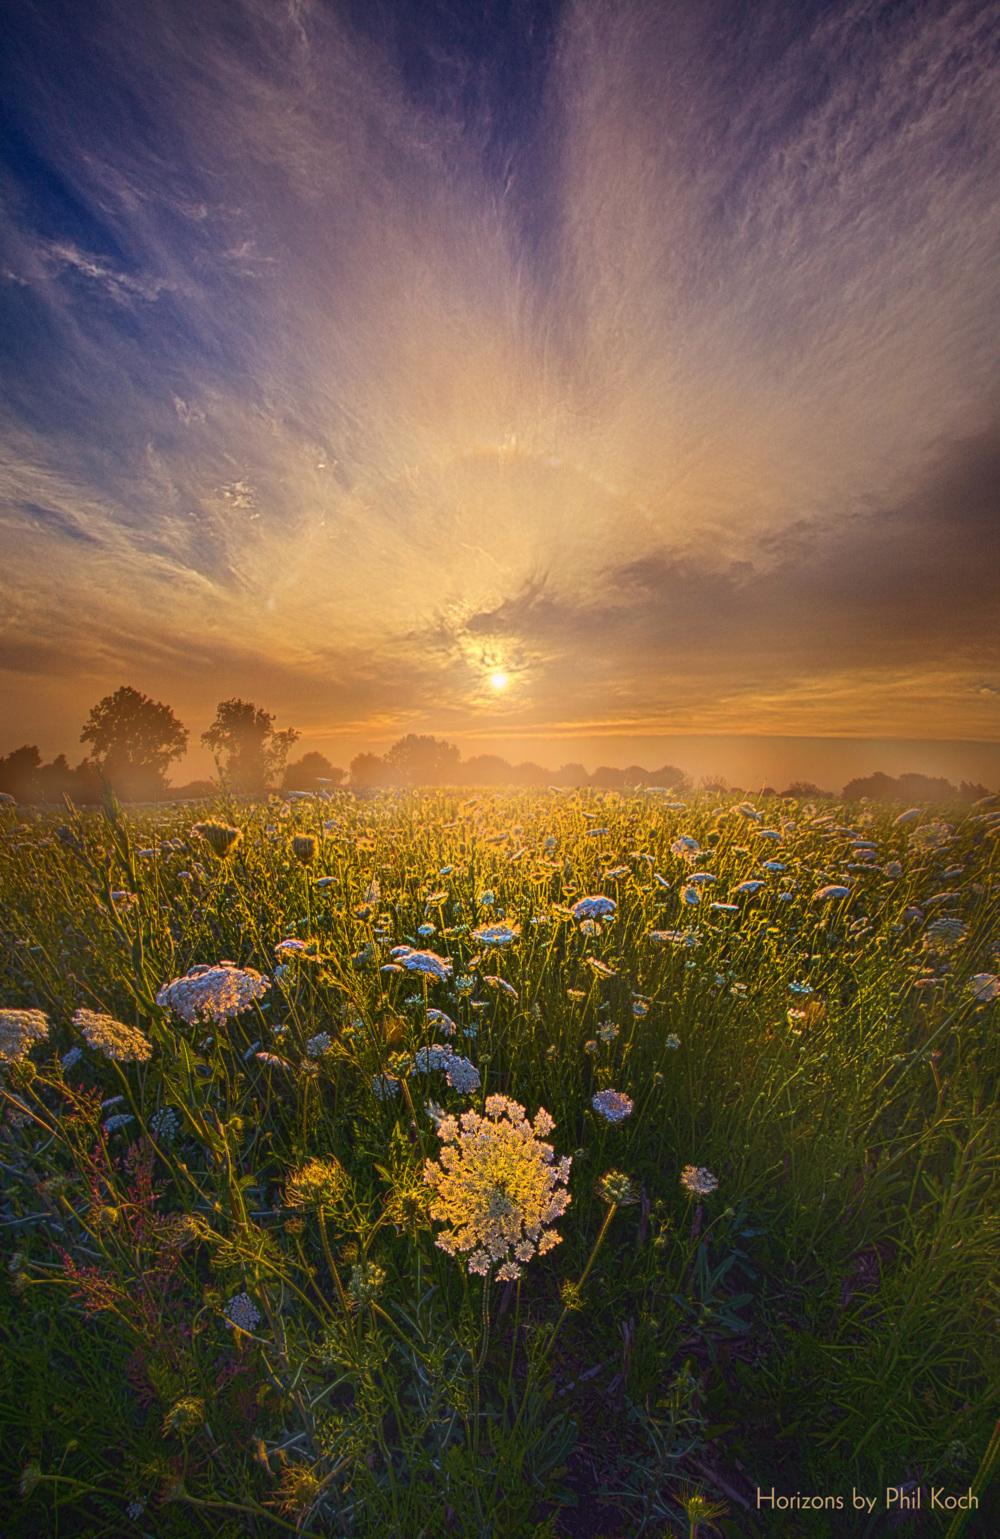 """""""Echos The Sound Of Silence""""                                         Wisconsin Horizons By Phil Koch... via Phil Koch"""